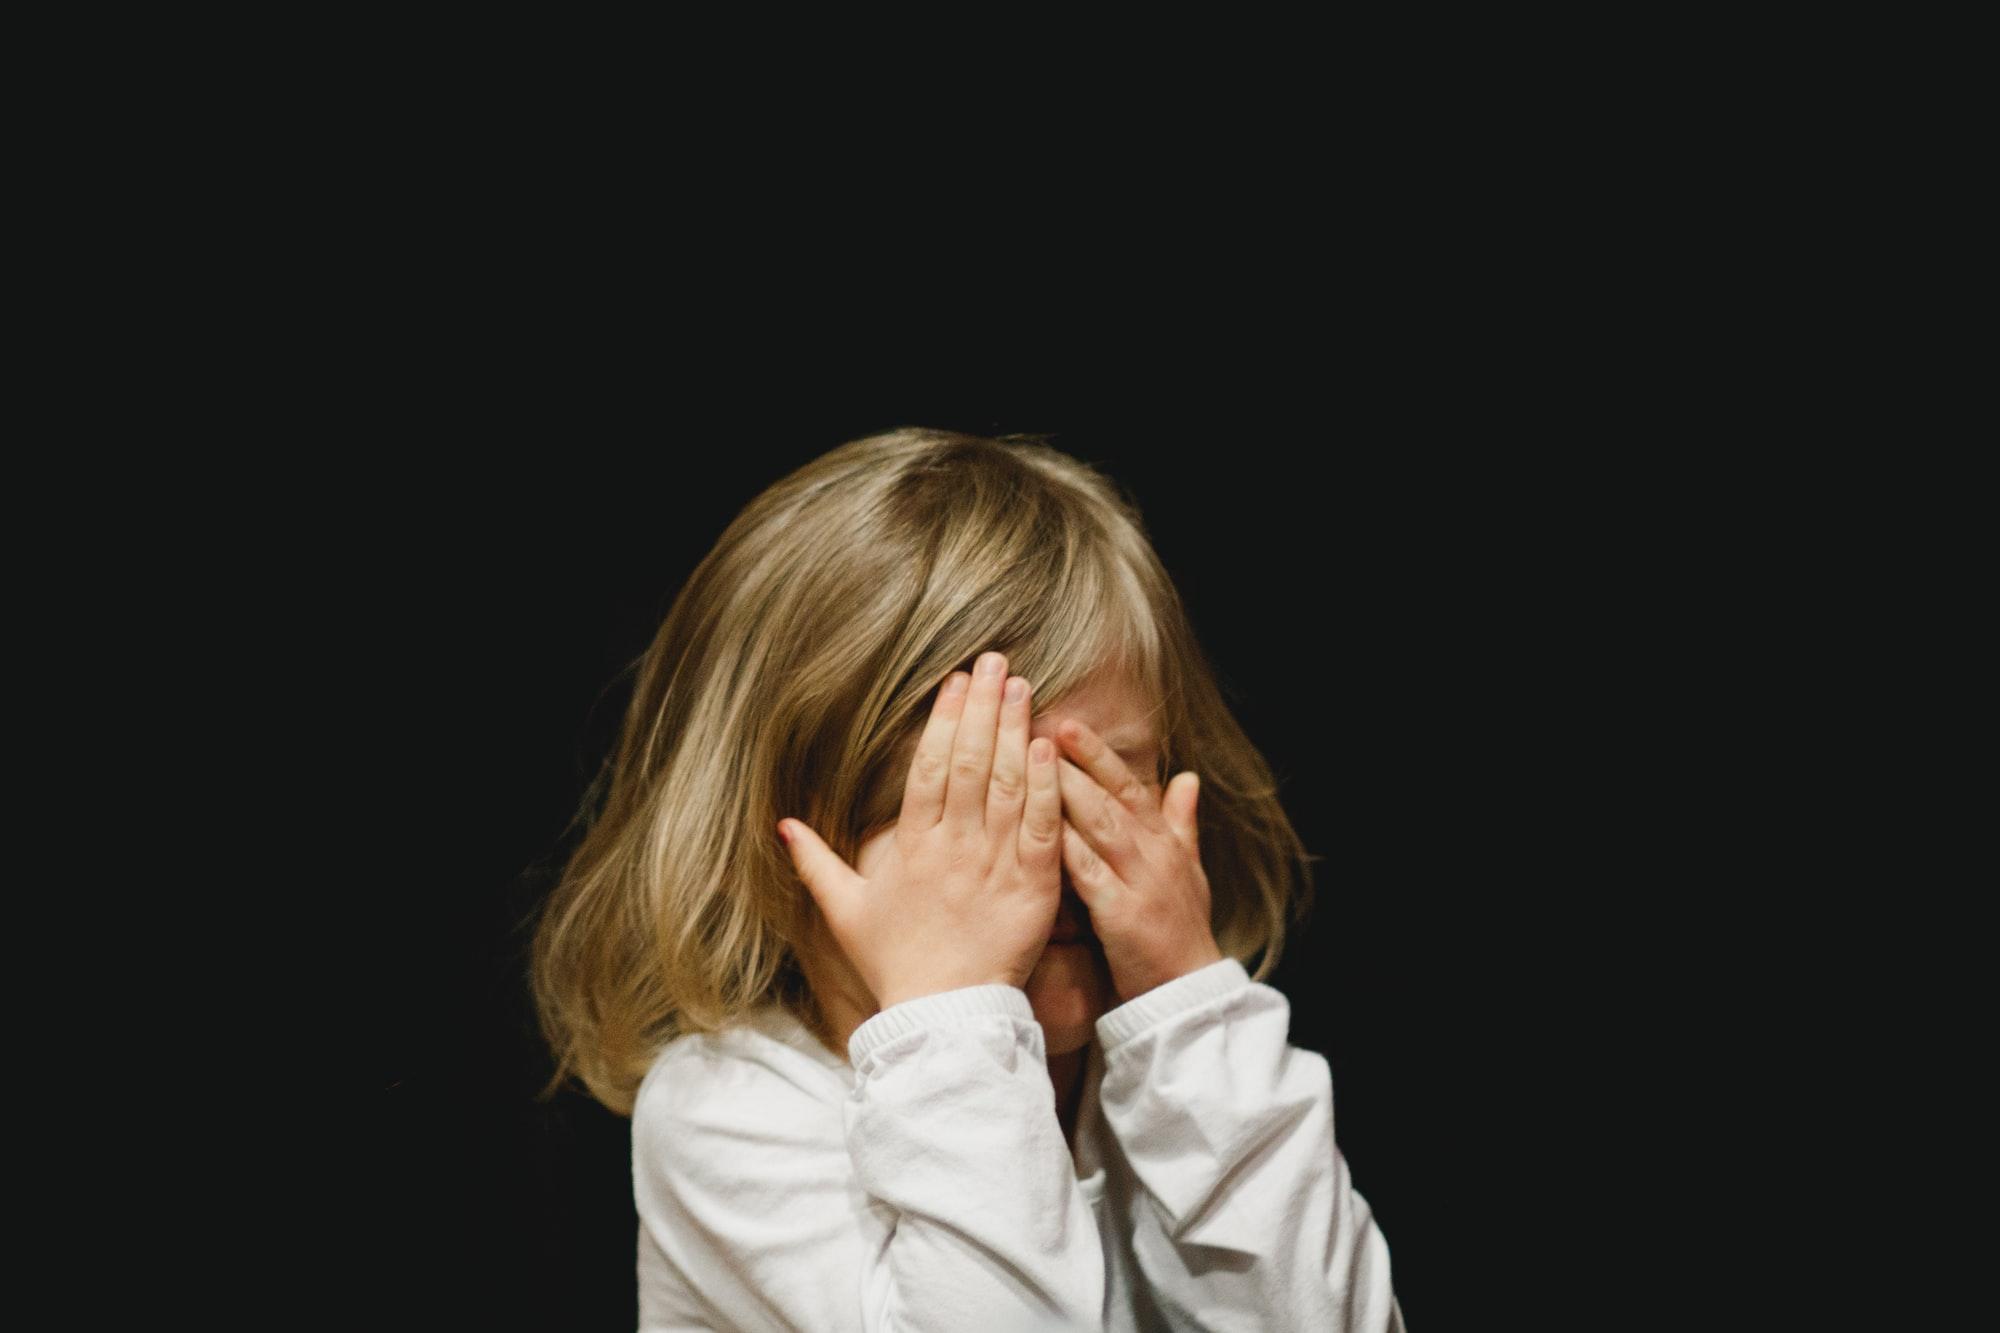 Härte macht dein Kind nicht härter